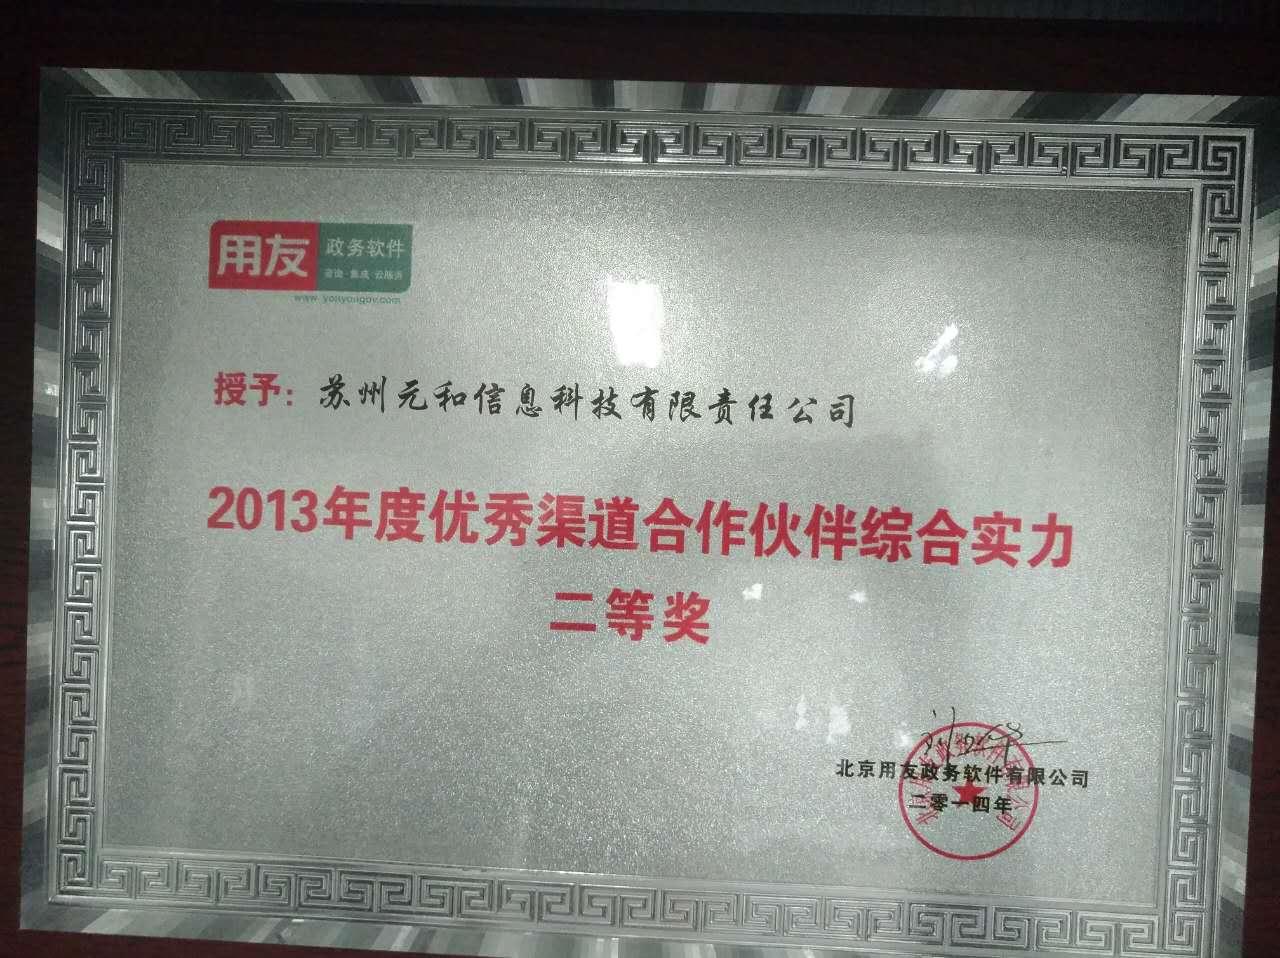 2013年度優秀渠道合作伙伴綜合實力二等...